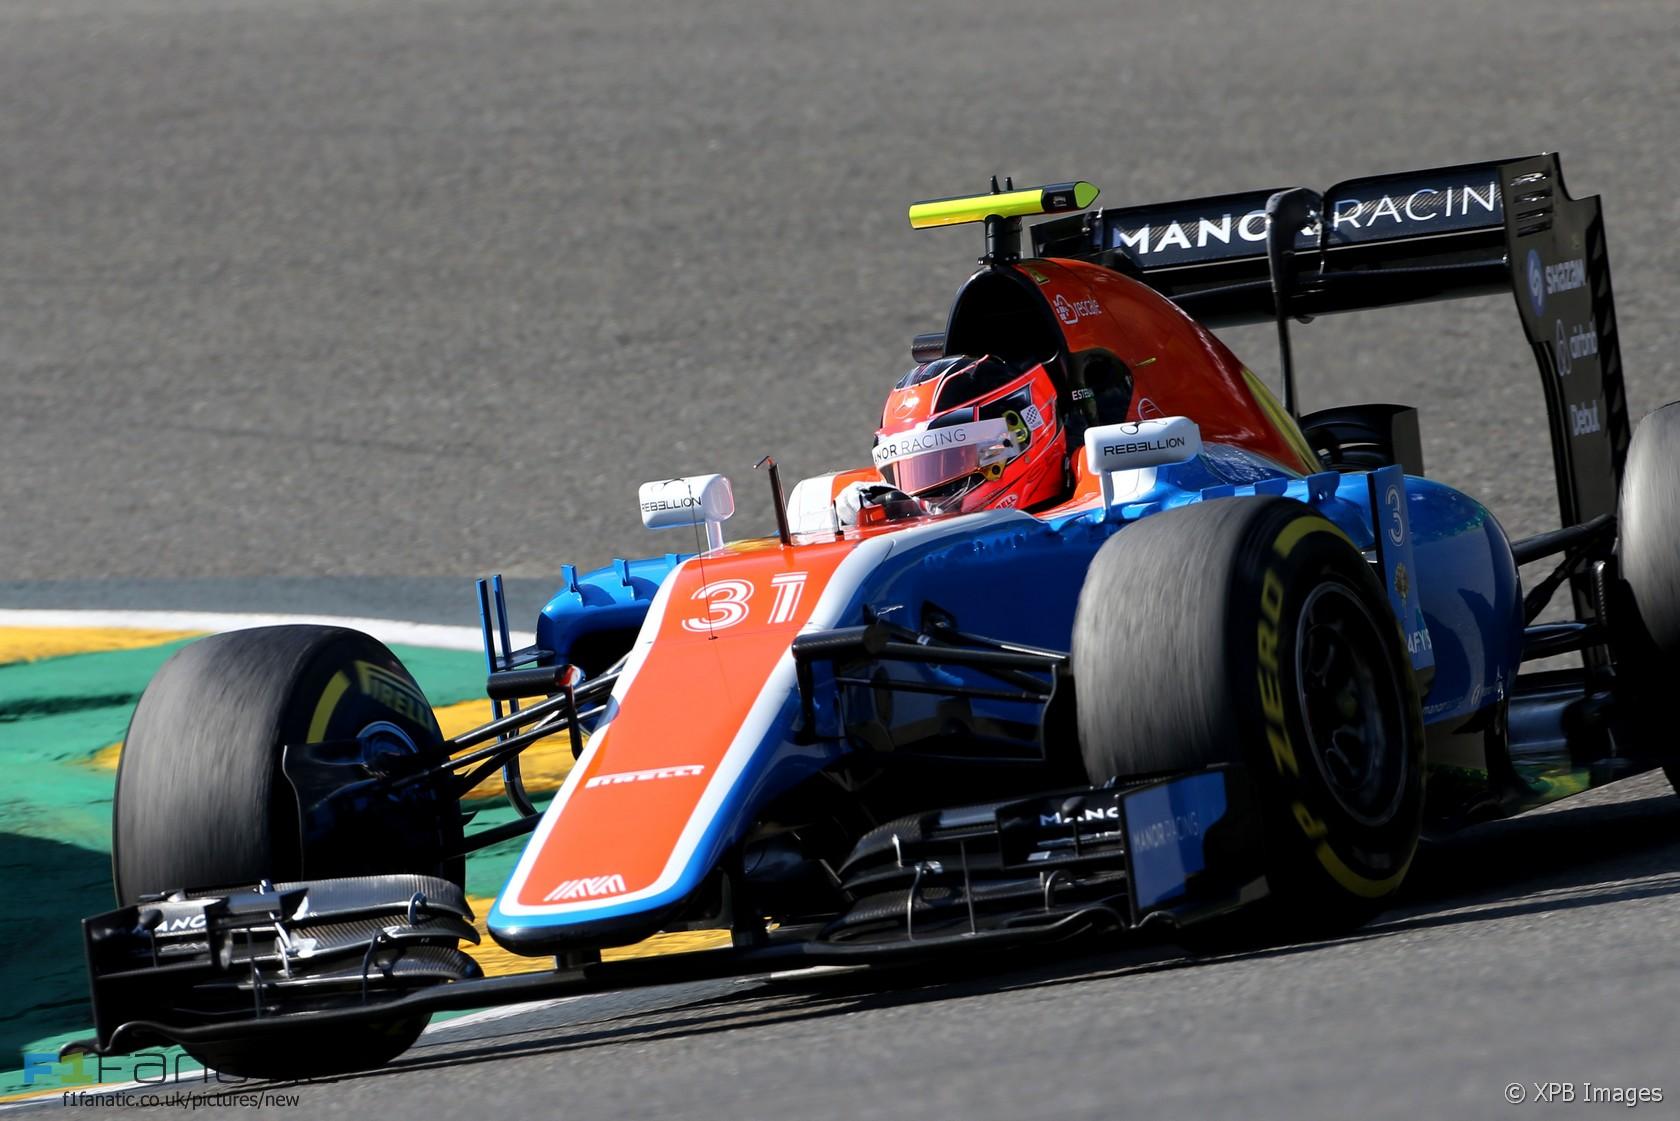 Esteban Ocon, Manor, Spa-Francorchamps, 2016 · F1 Fanatic